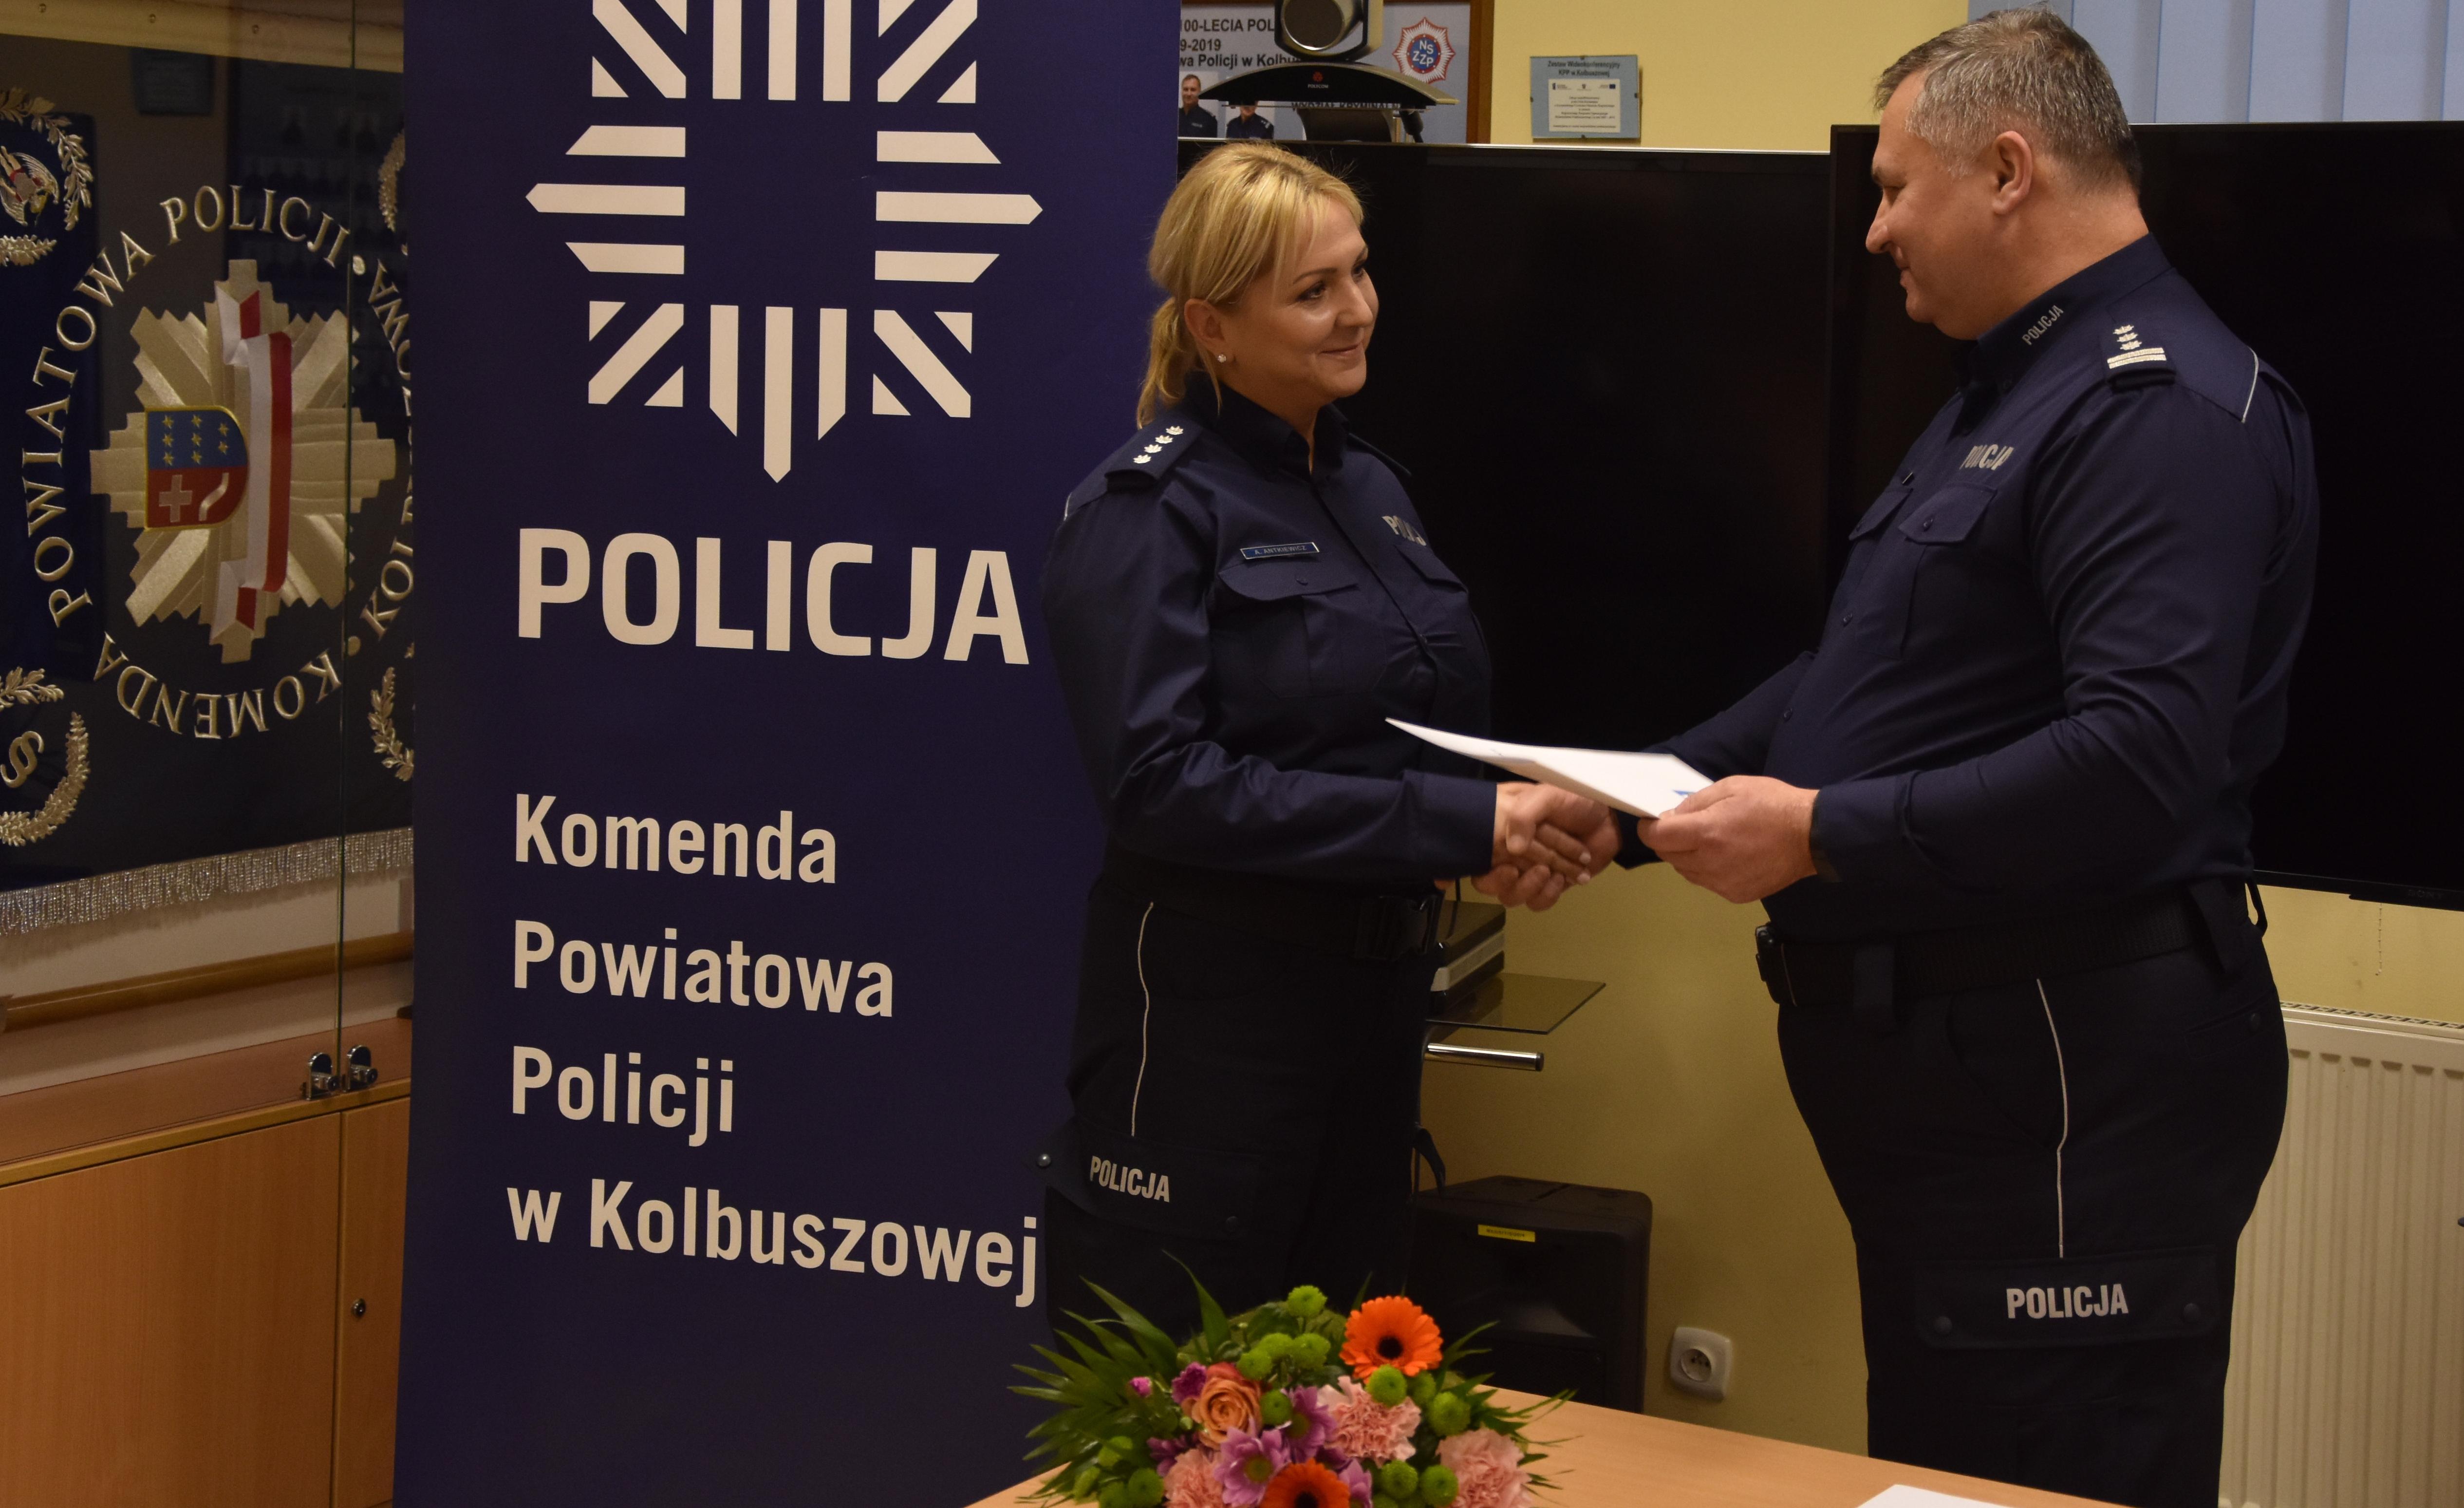 Poznajcie nowego zastępce komendanta kolbuszowskiej policji  - Zdjęcie główne